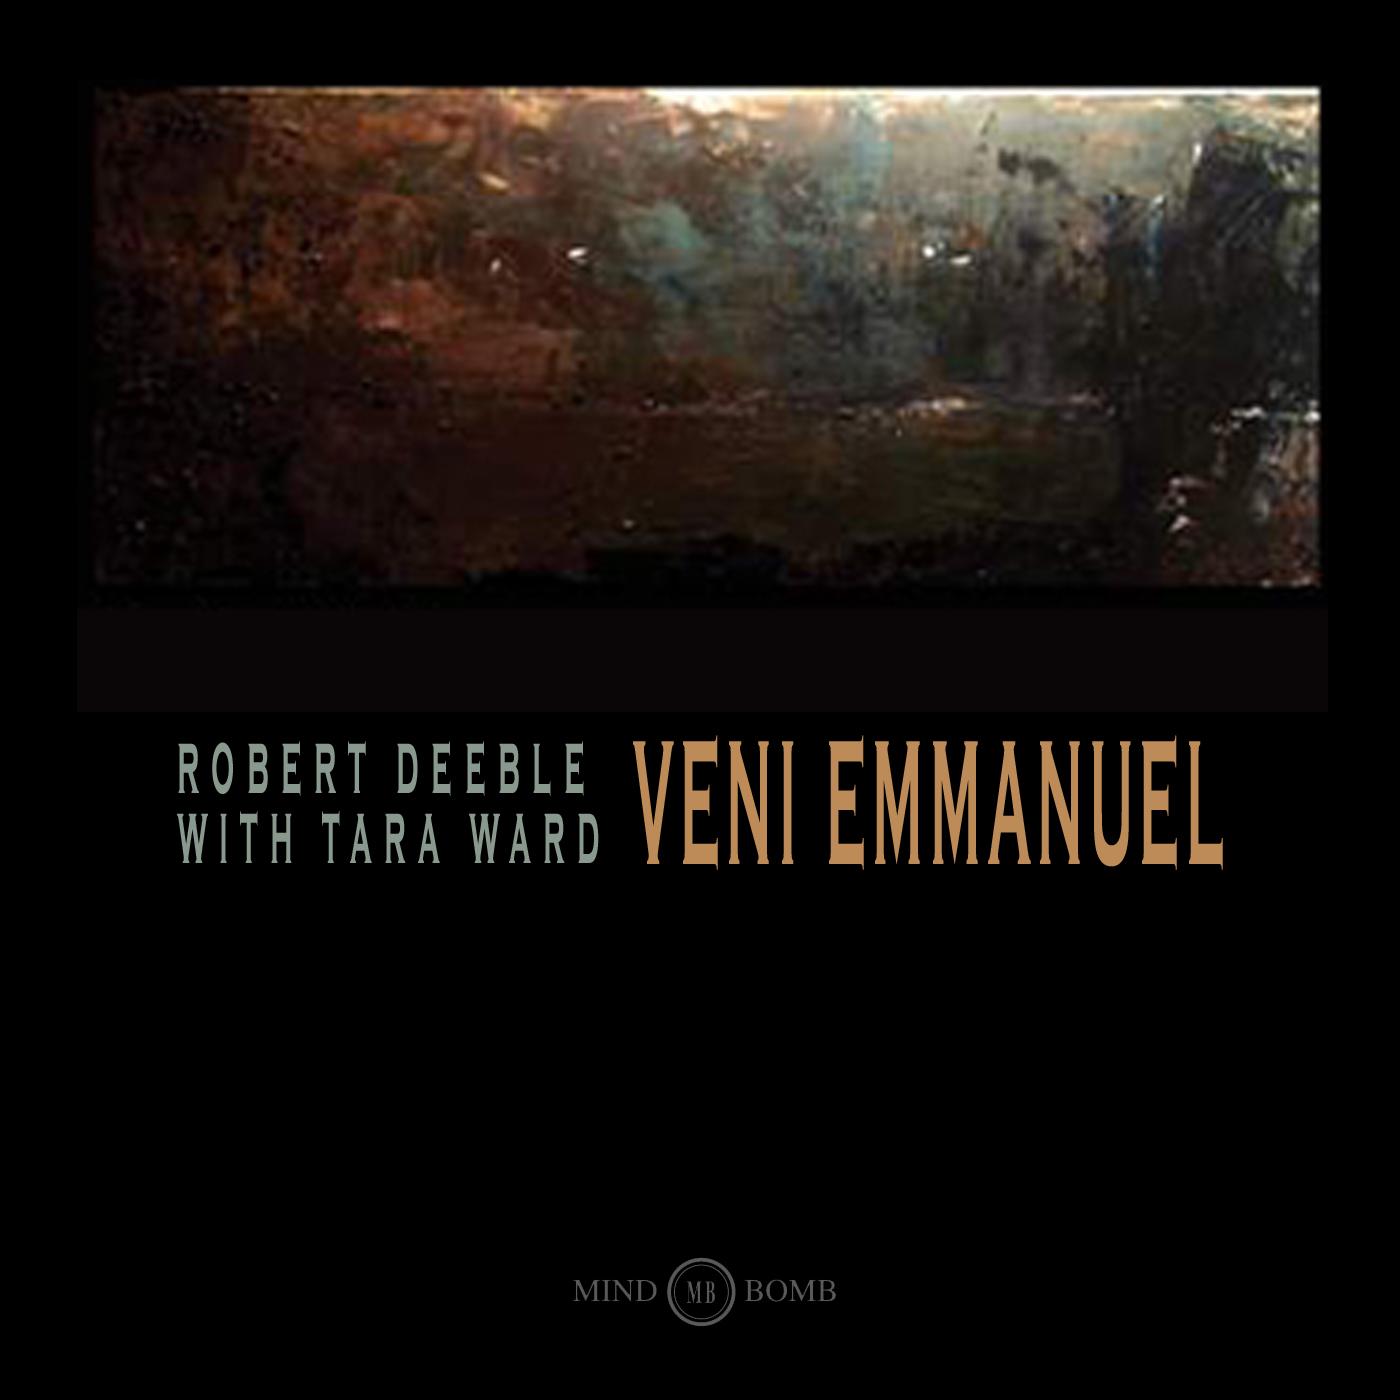 Veni Emmanuelremastered,re-released